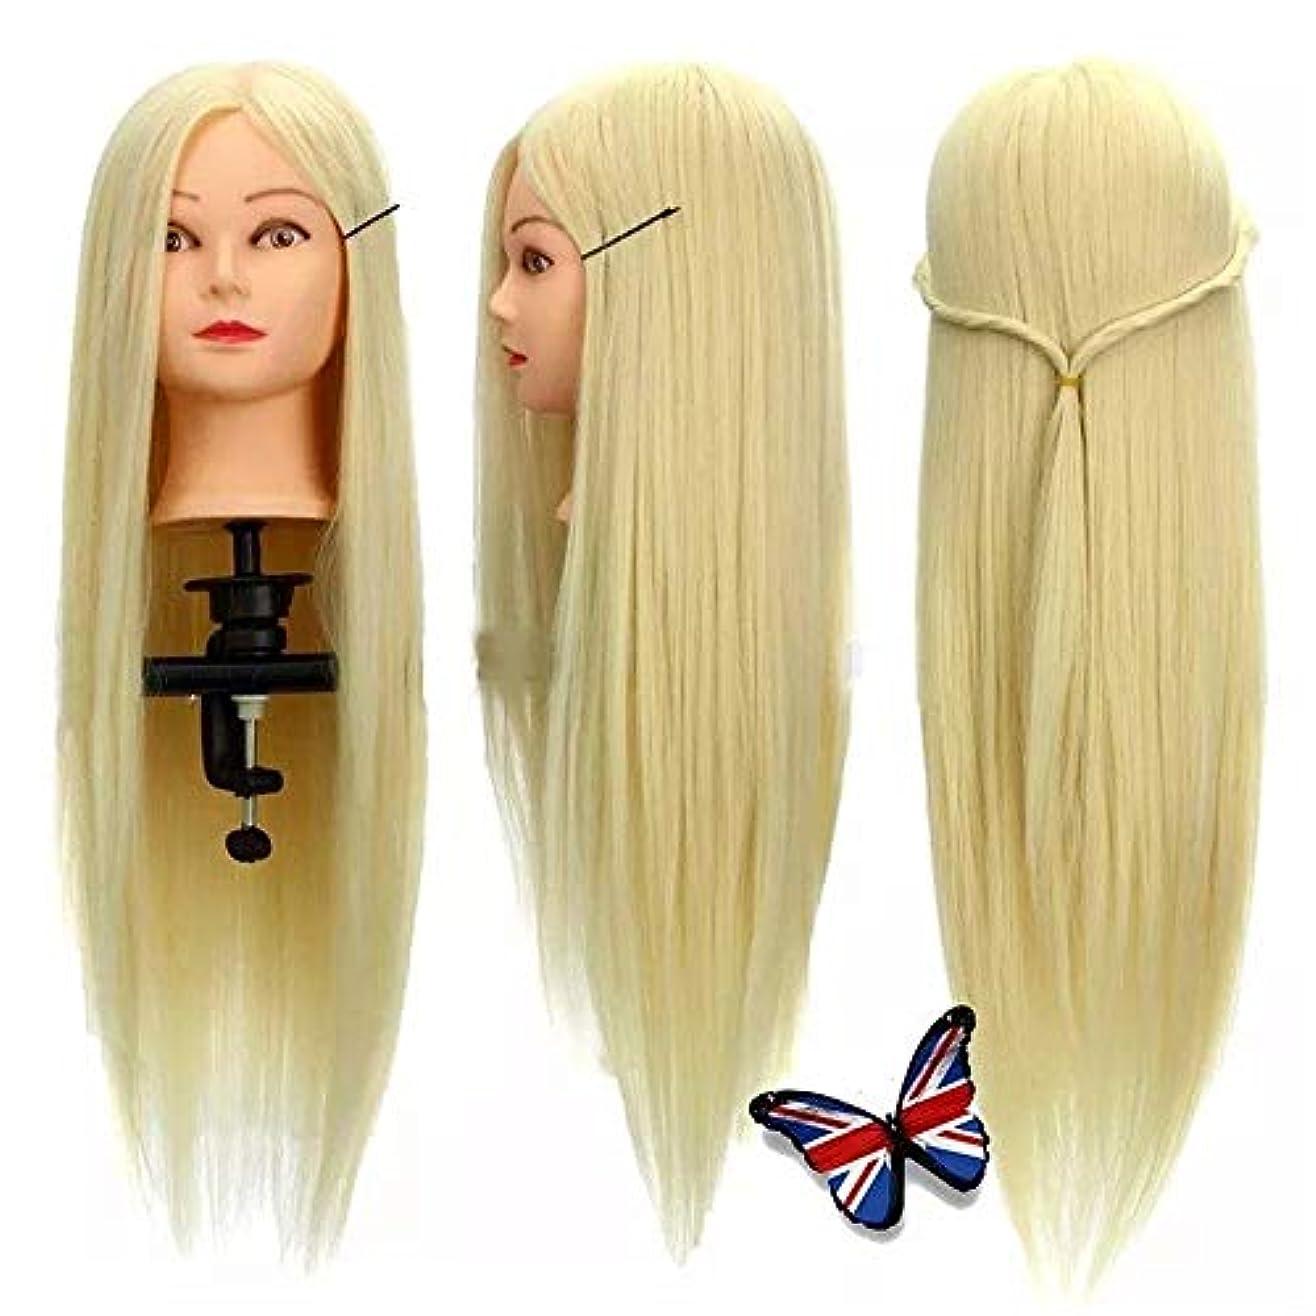 崖評価可能基本的なヘアマネキンヘッド 30%の本物の人間の髪の毛のトレーニング頭部サロン理髪カットマネキンでクランプでクランプホルダ ヘア理髪トレーニングモデル付き (色 : Blonde, サイズ : As picture shows)